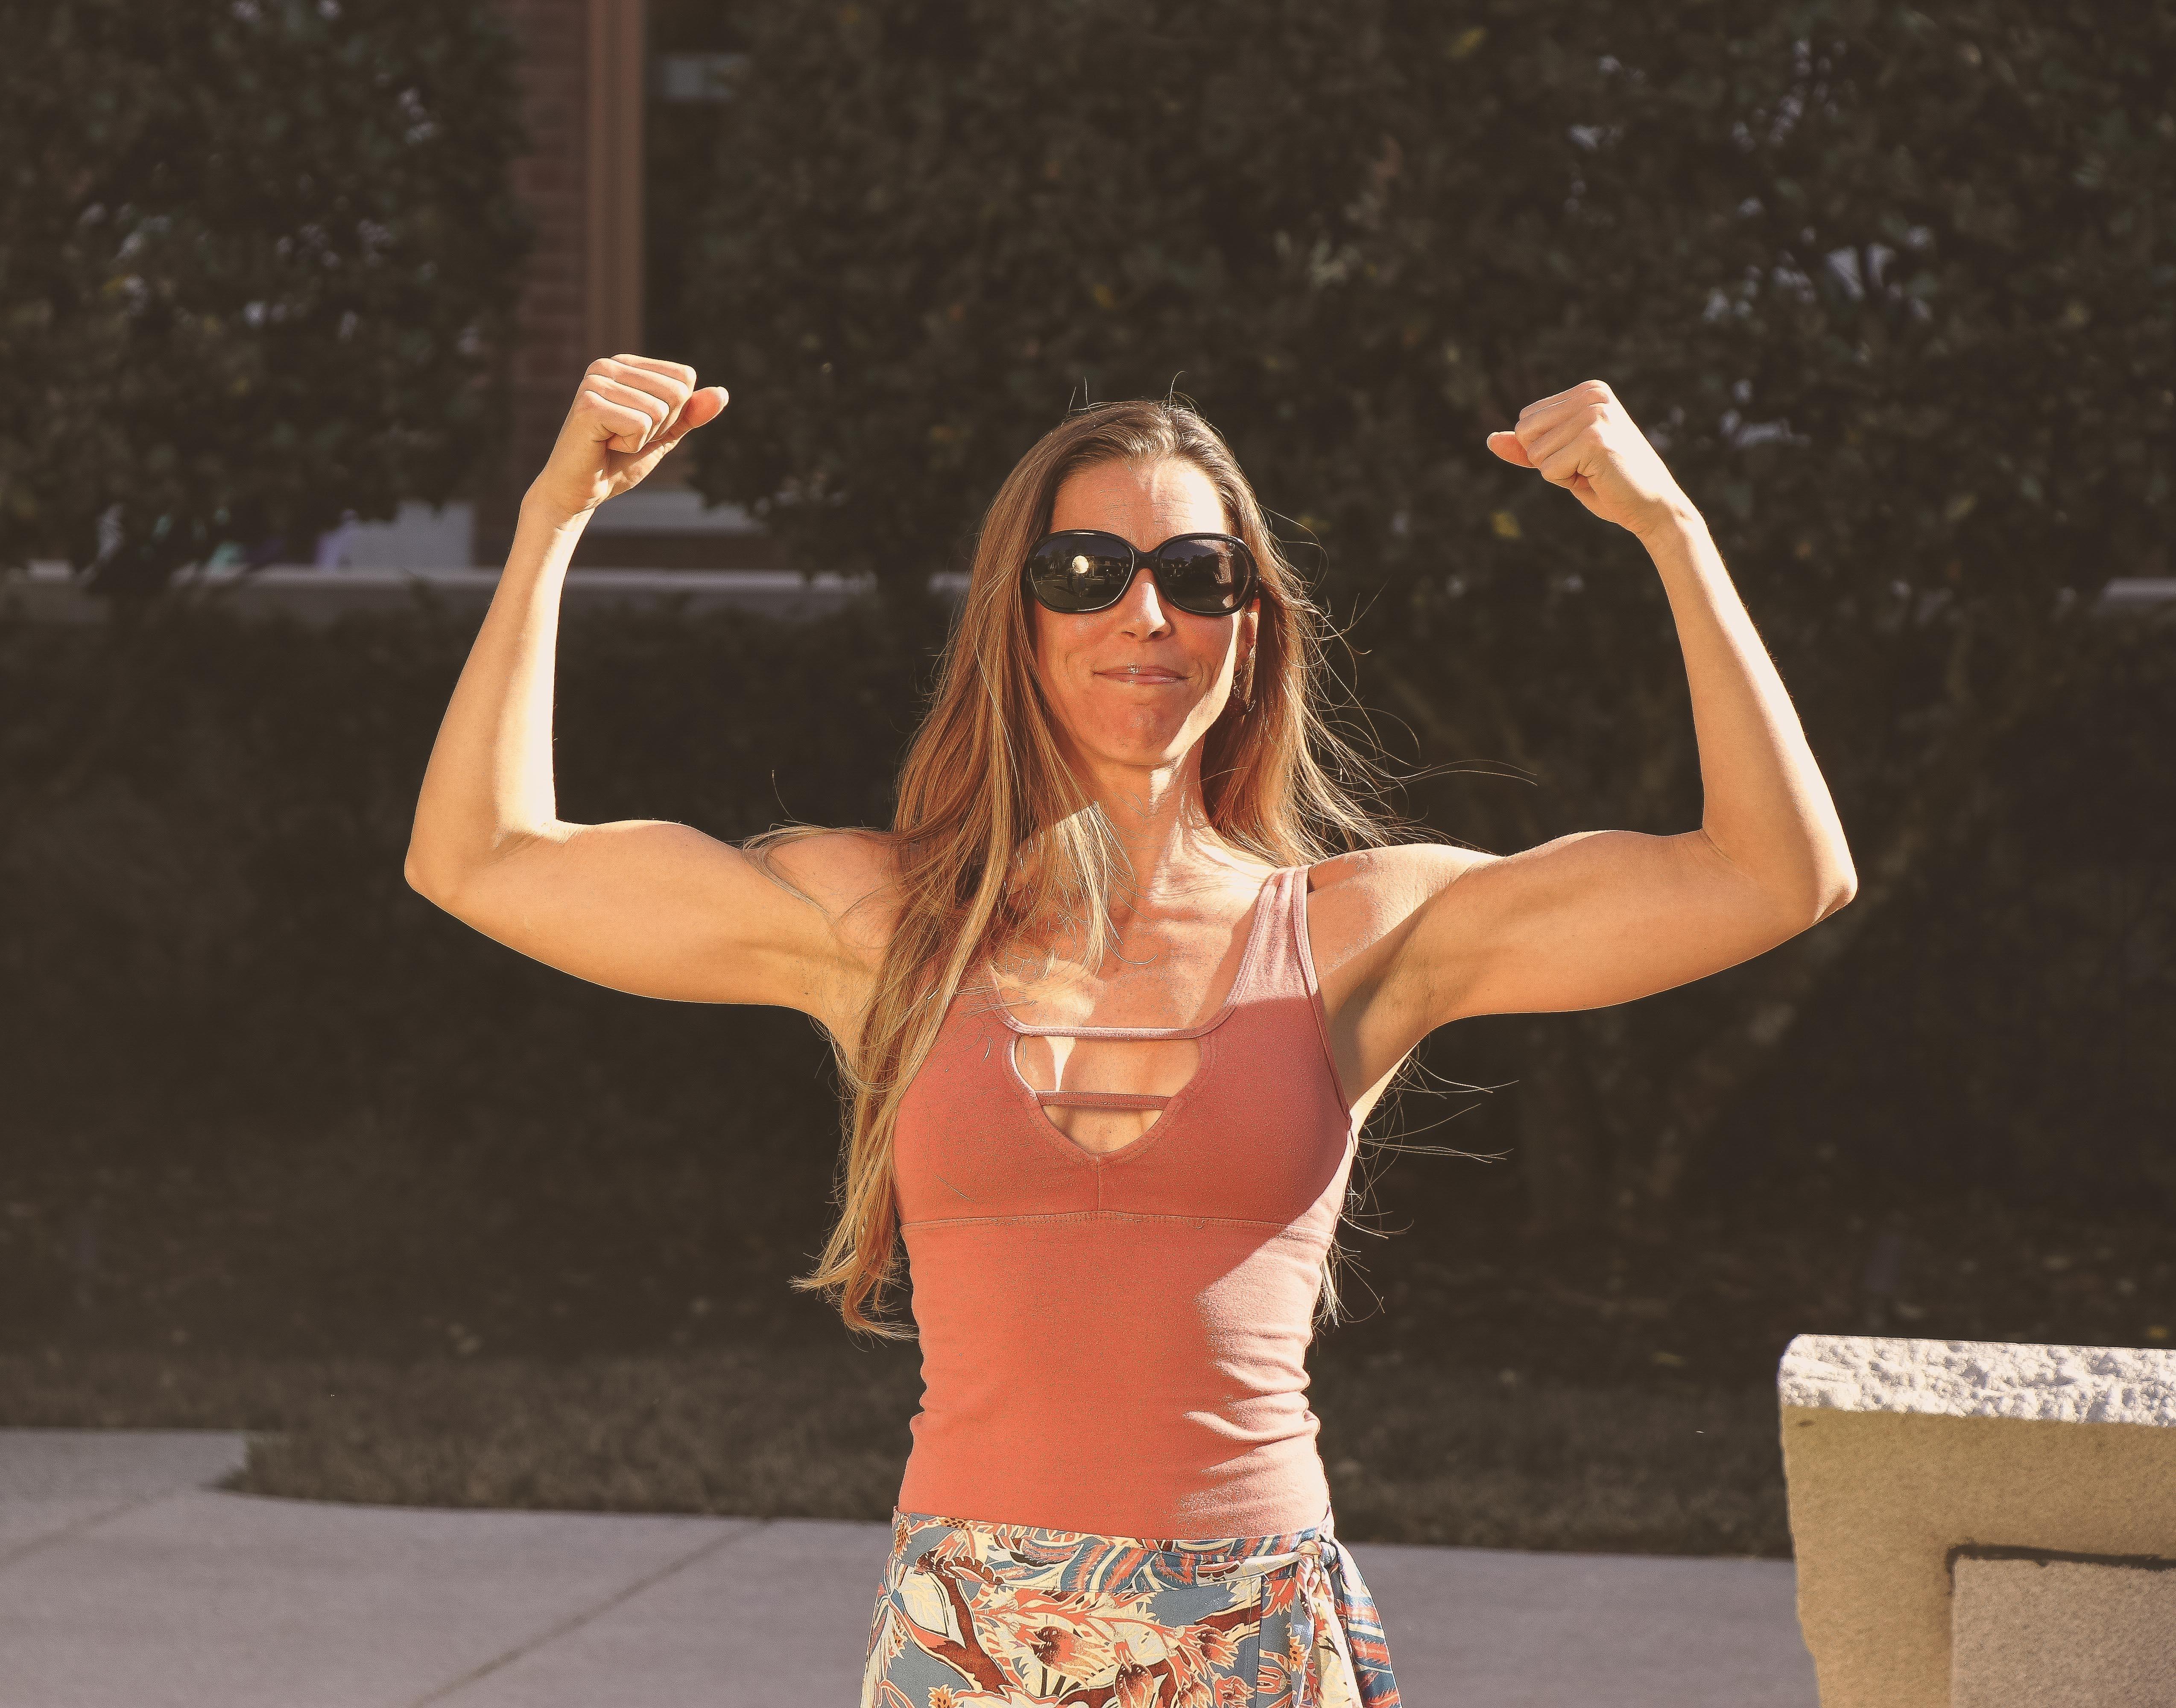 Woman in brown tank top photo